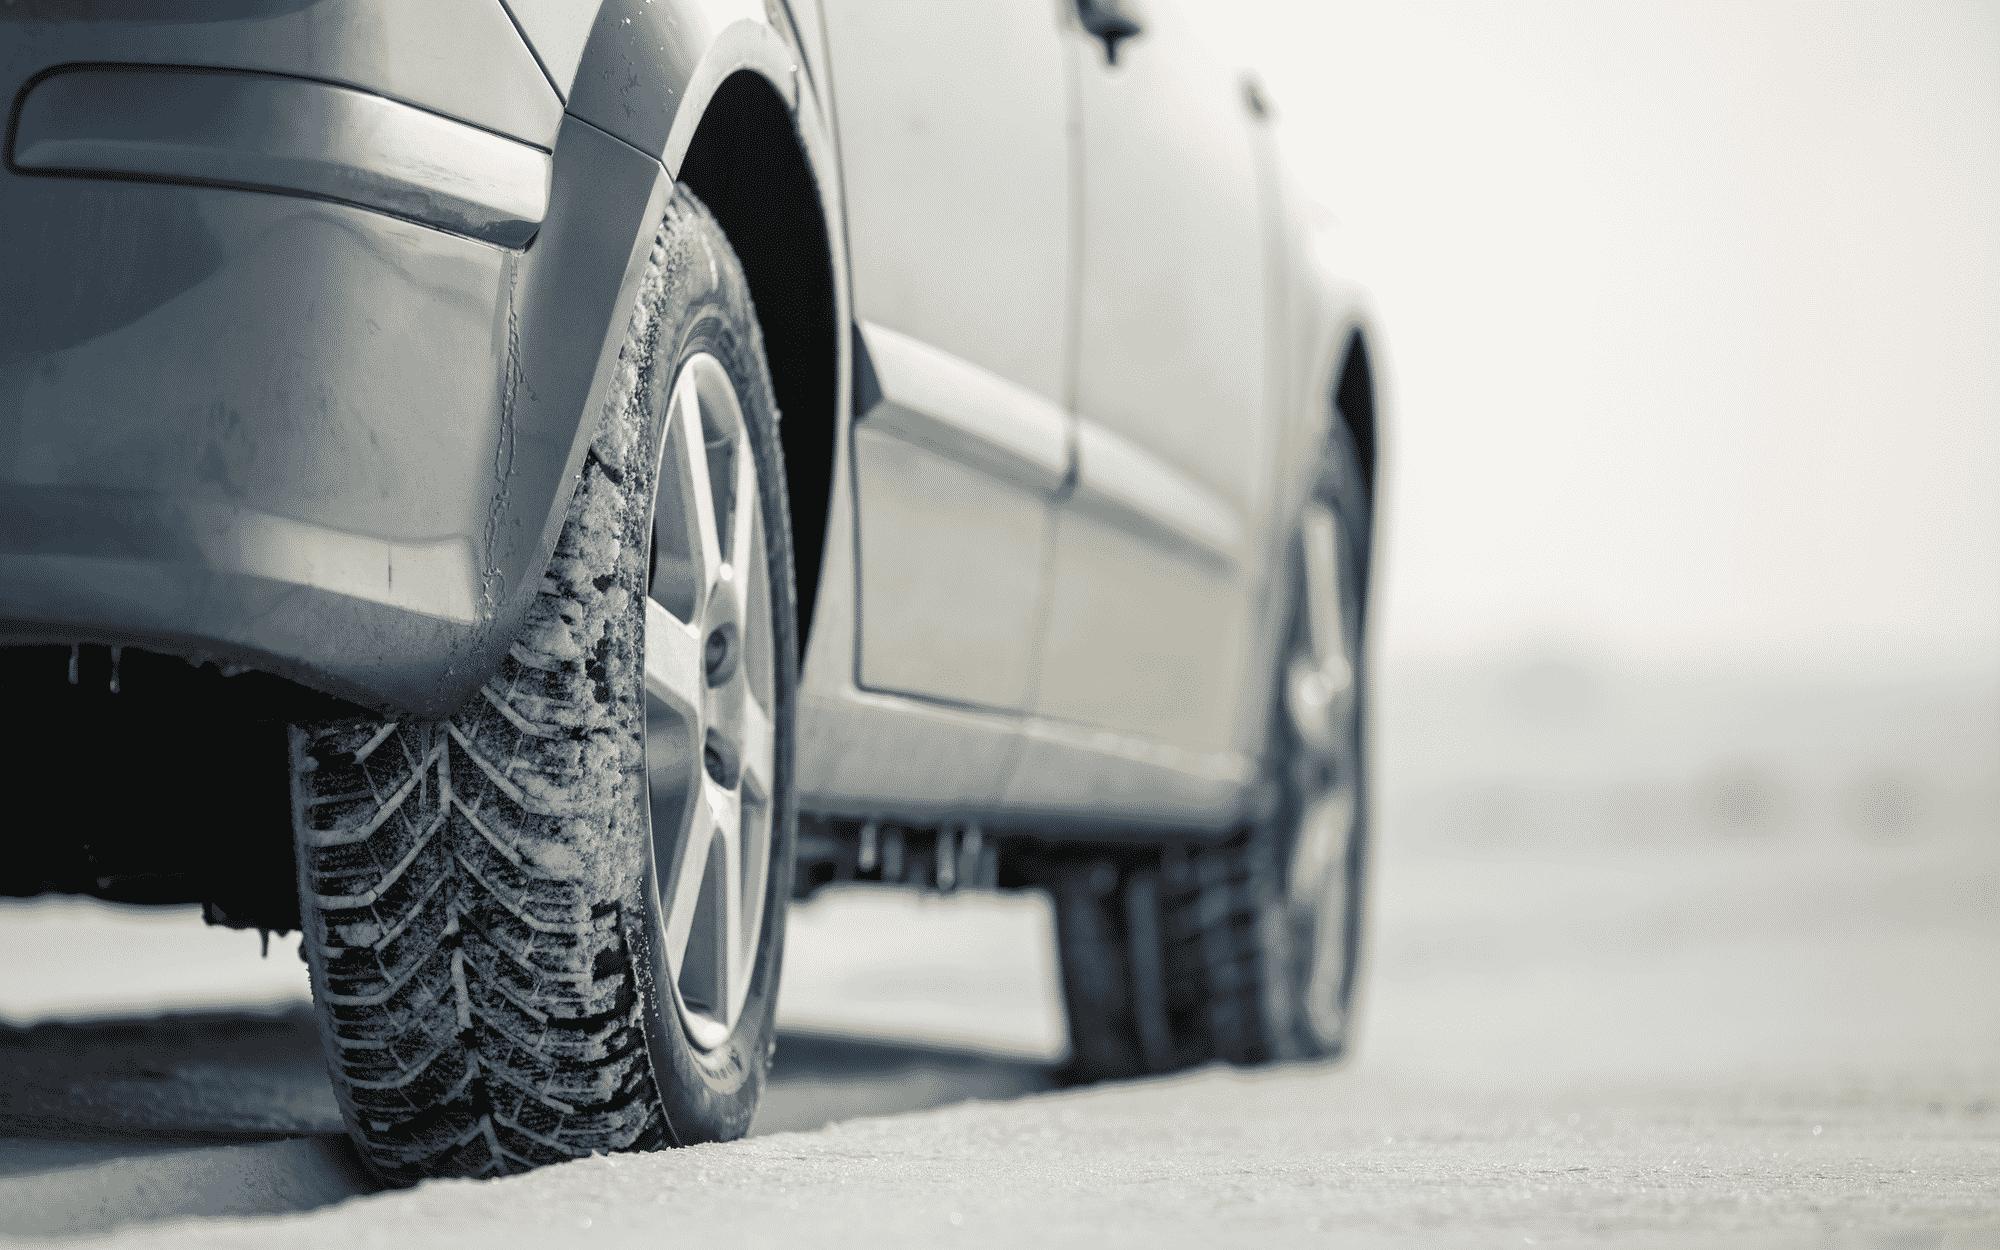 Bonne utilisation des pneus neige